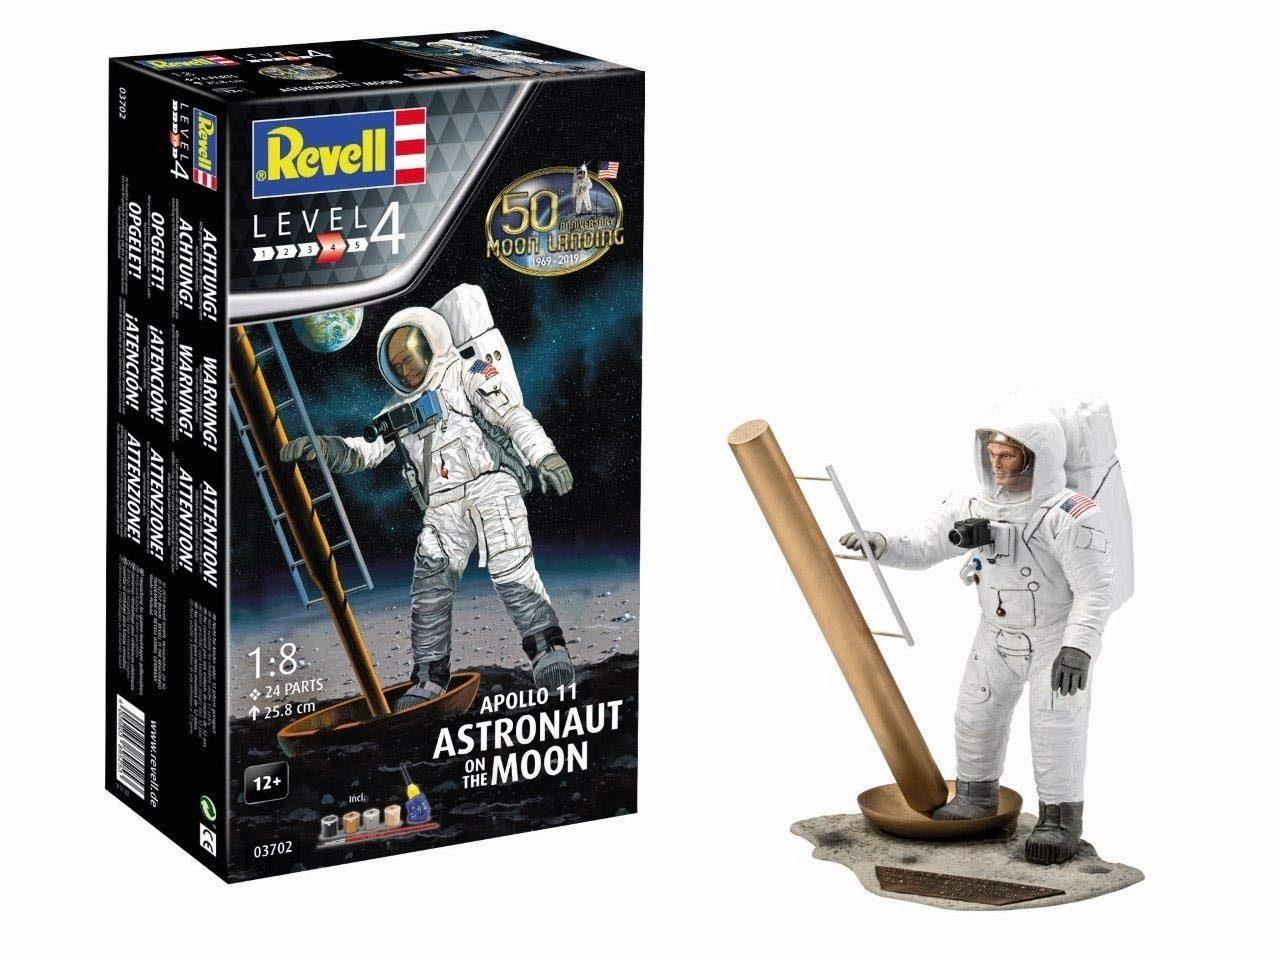 REVELL, Apollo 11, Astronaut on the Moon, Modellbausatz (Abholung nur 15,25€)